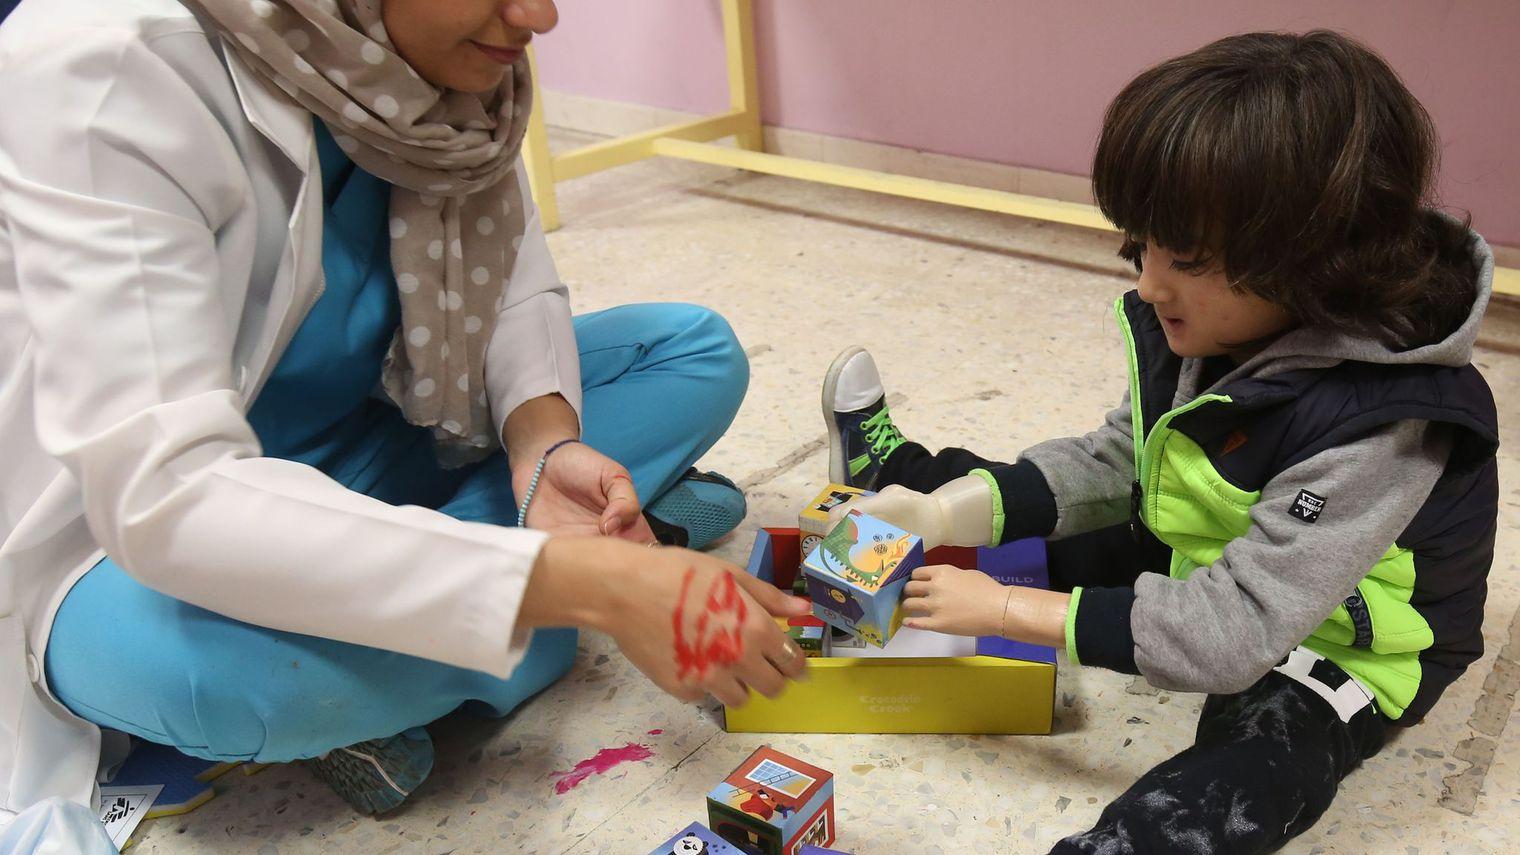 le-petit-rowayd-3-ans-utilise-son-bras-prothetique-pour-jouer-photo-prise-le-16-janvier-2018-dans-un-hopital-de-la-capitale-jordanienne-amman-gere-par-msf_6021654